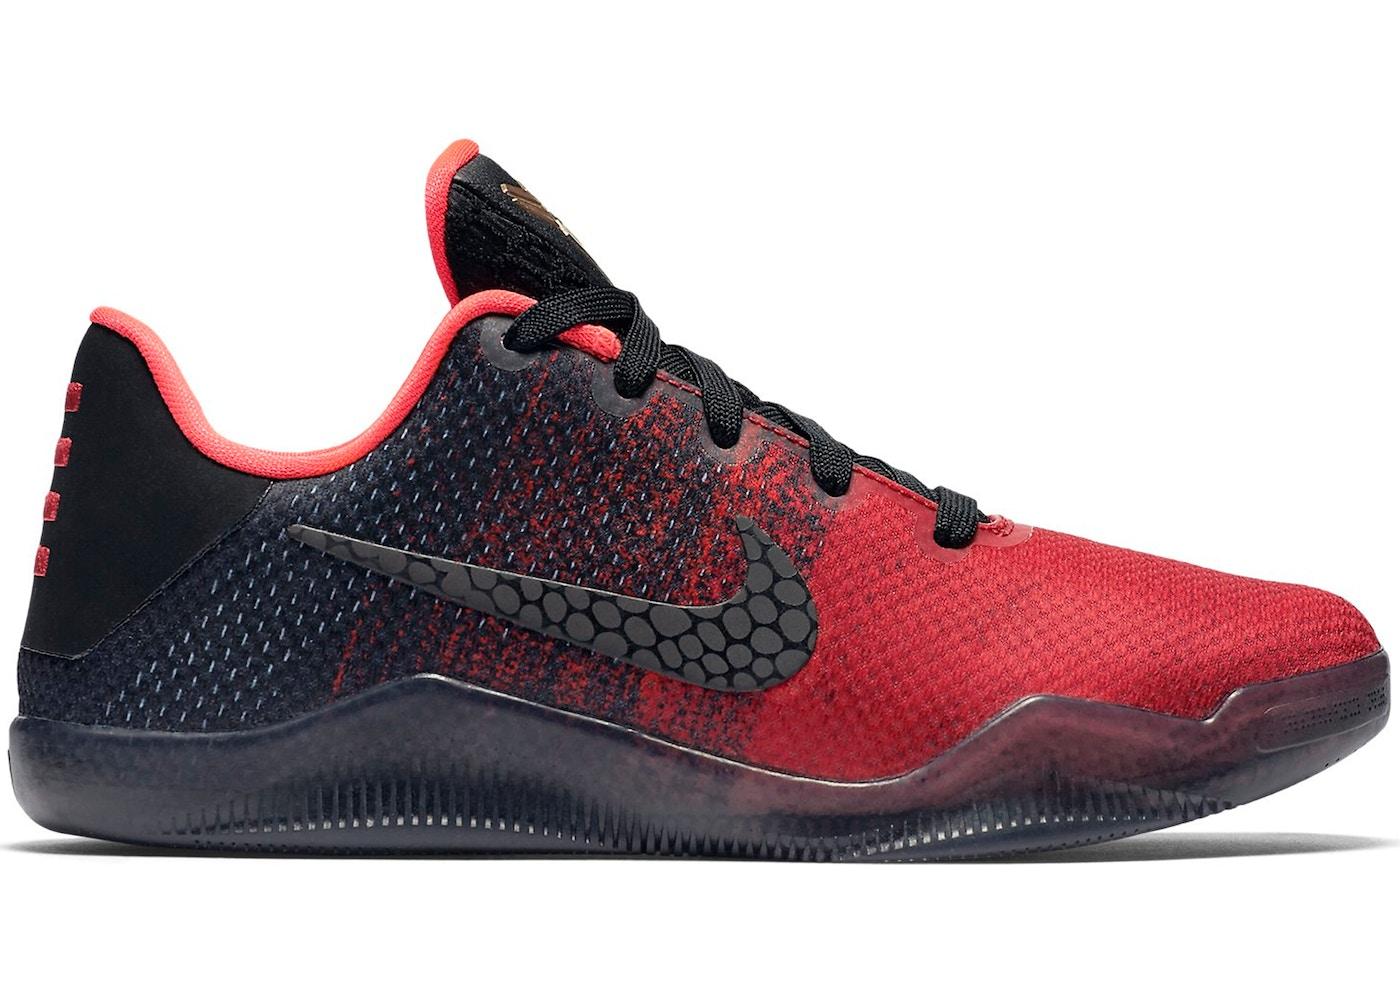 b8d7a679ef1c Kobe 11 Achilles Heel (GS) - 822945-670